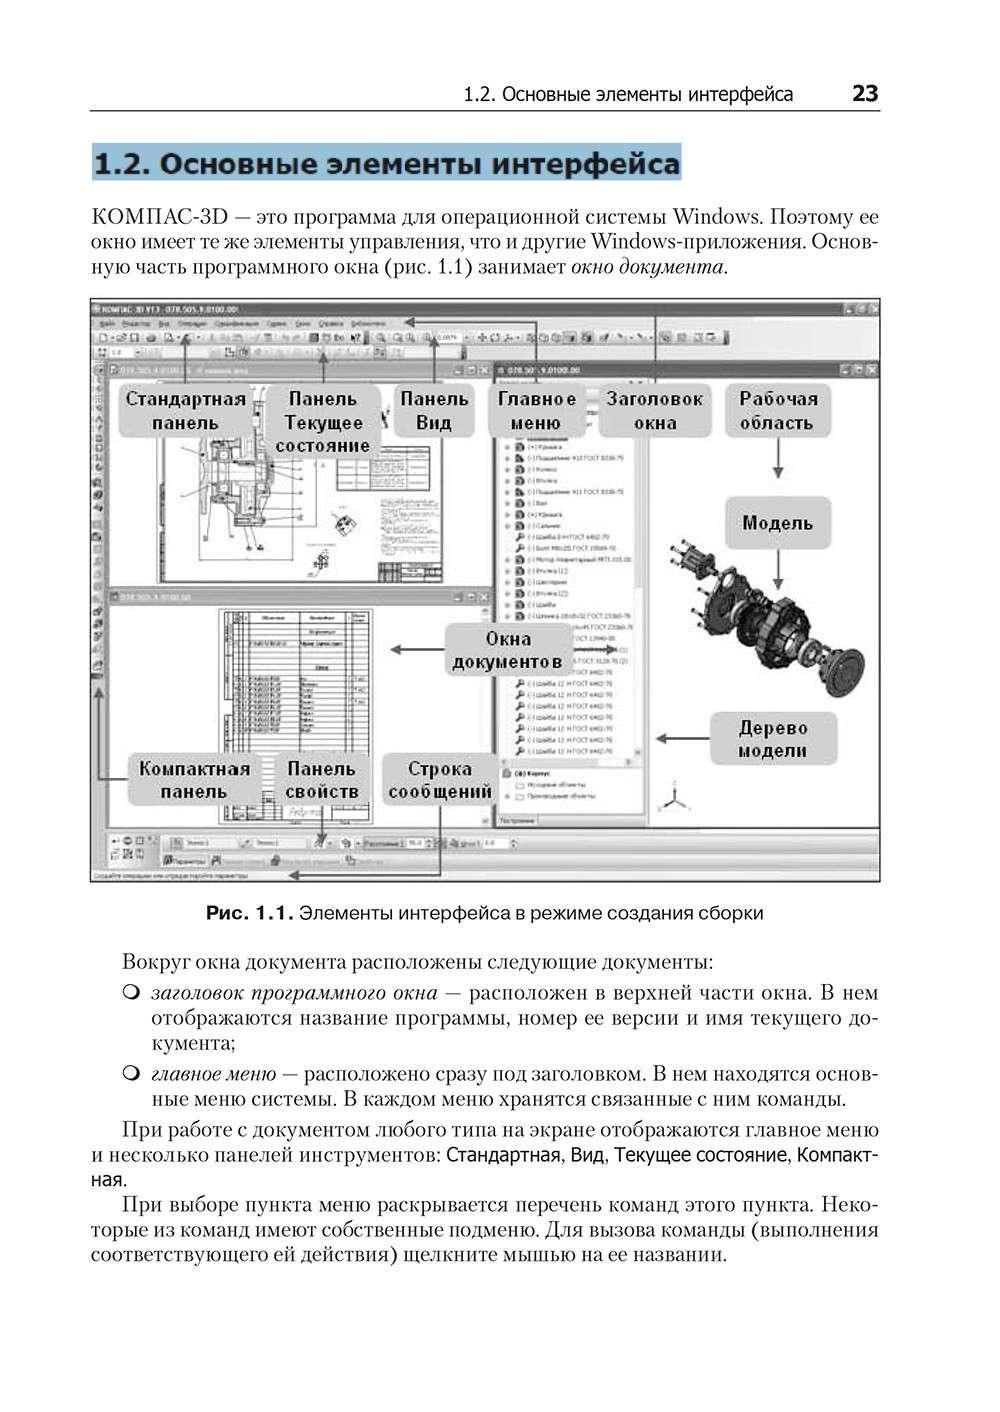 В. Большаков, A. Бочков | Основы 3D-моделирования. Изучаем работу в AutoCAD, КОМПАС-3D, SolidWorks, Inventor | PDF